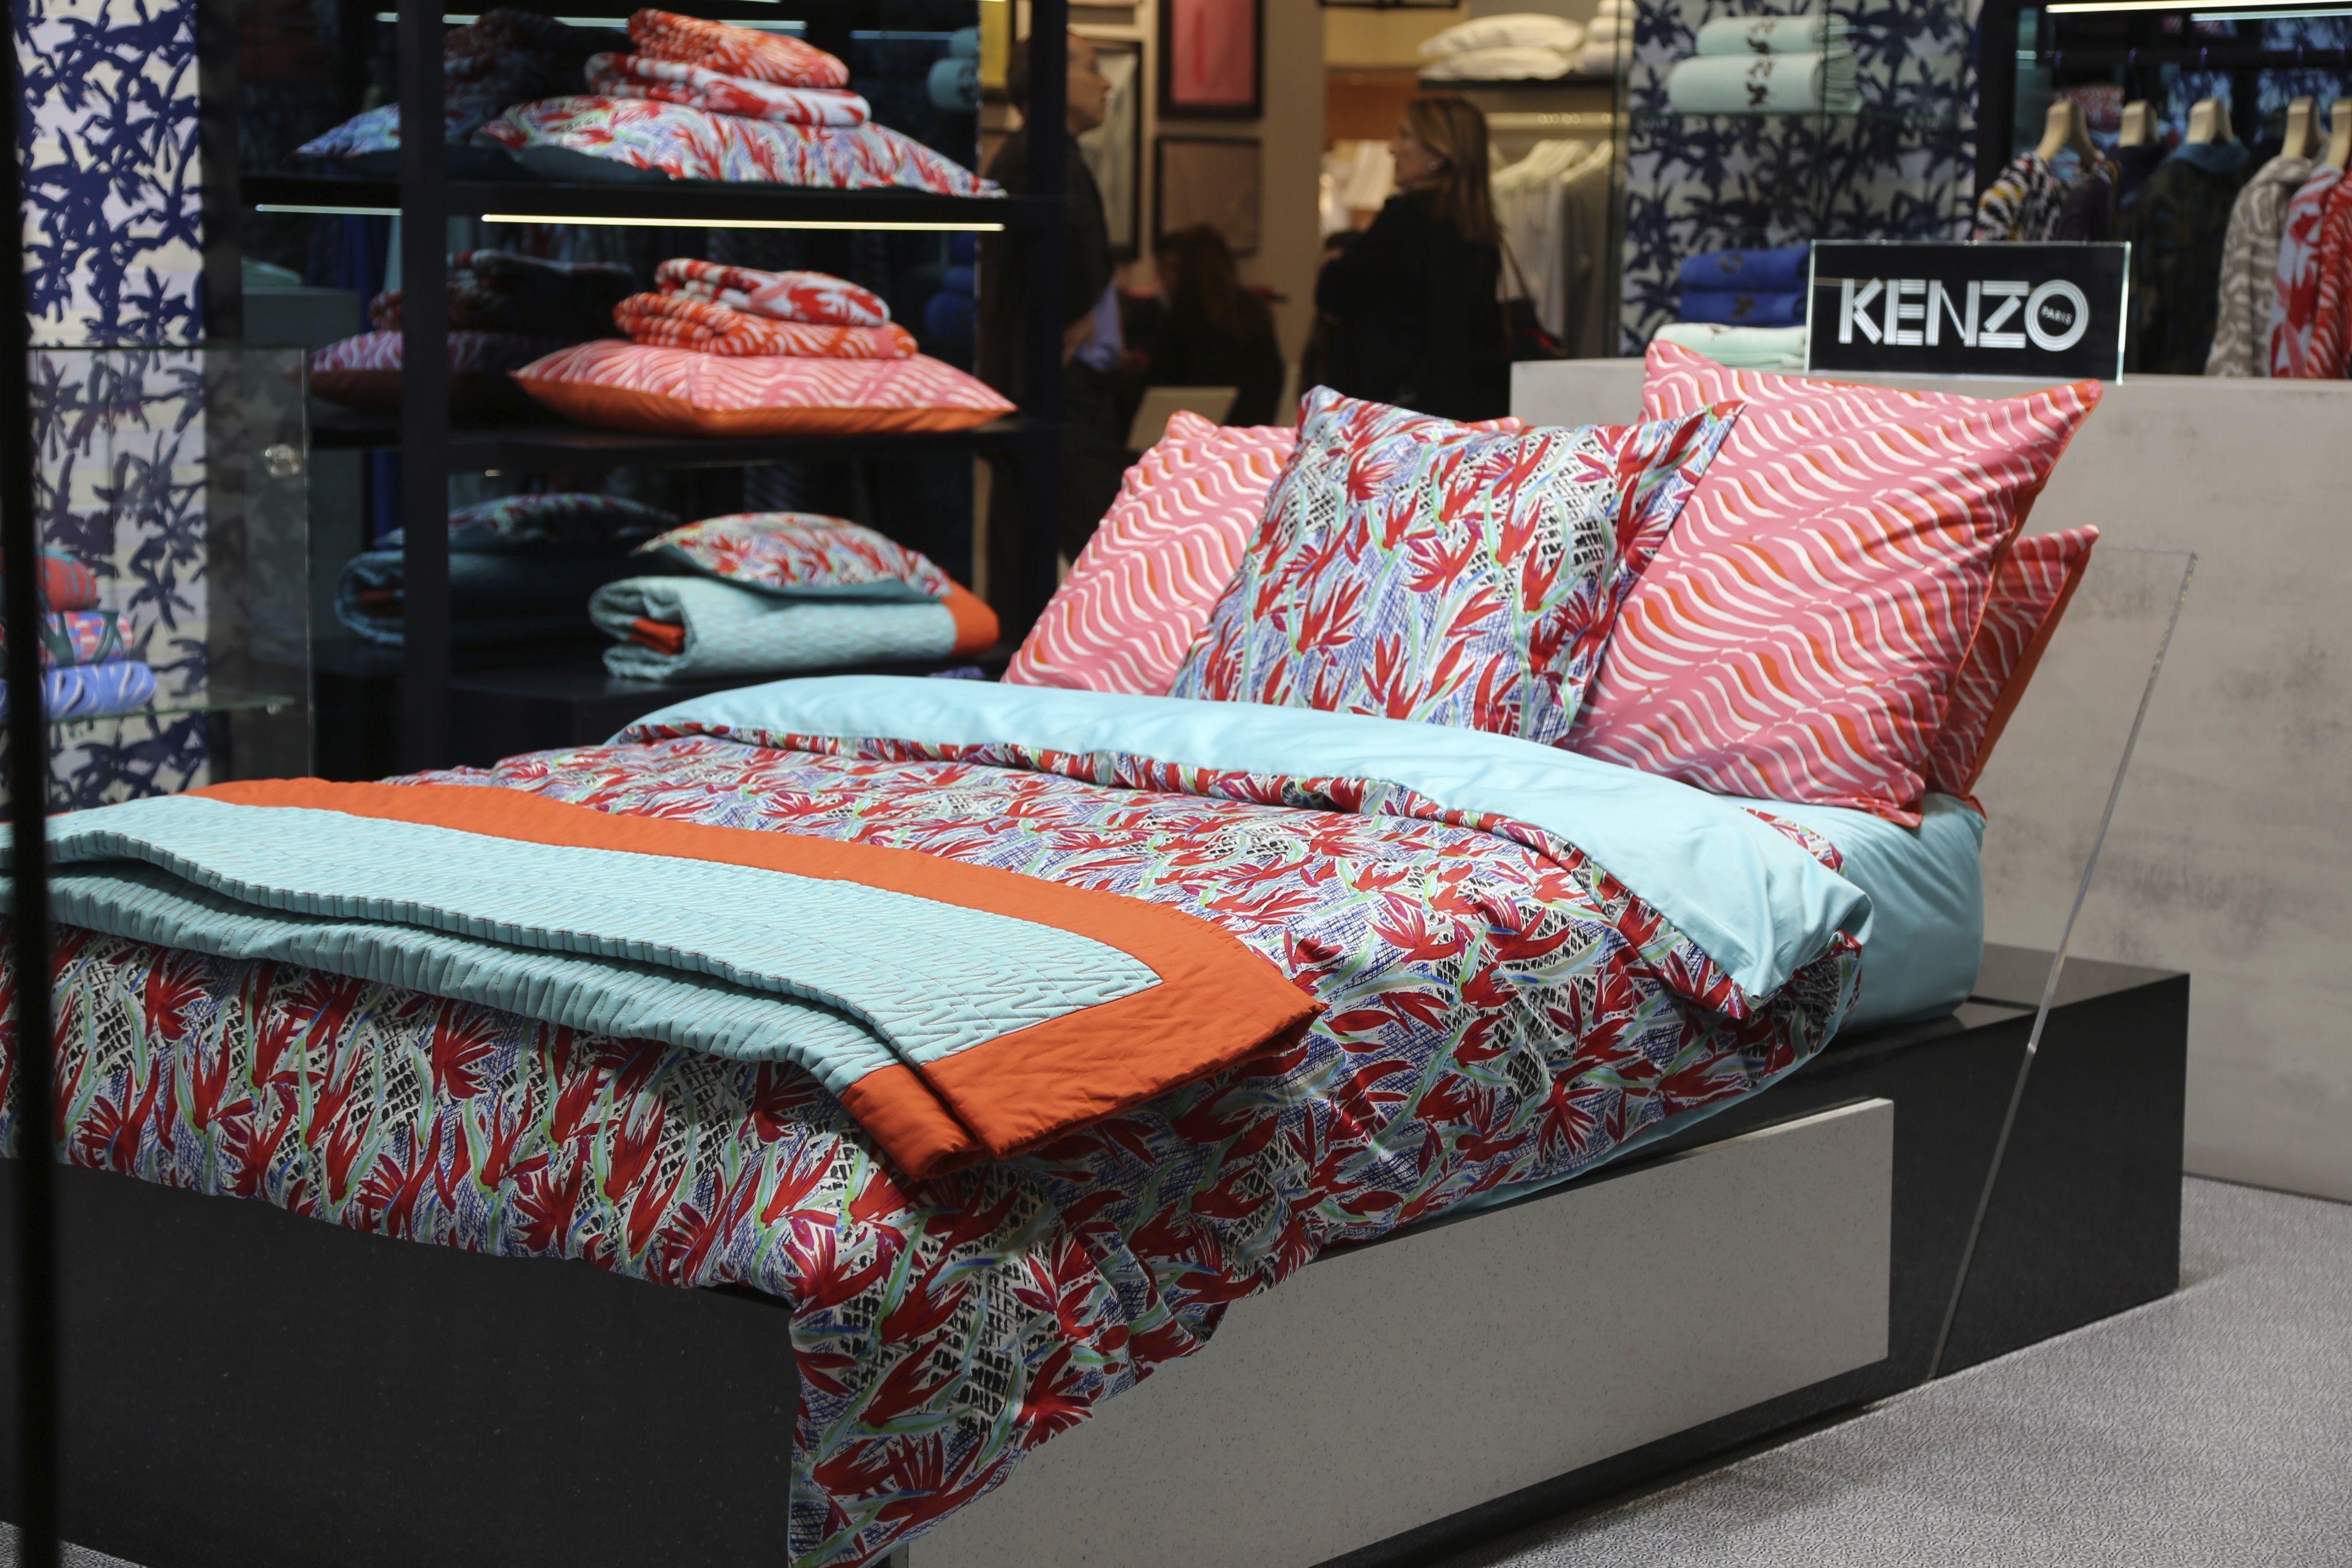 e38ea1f37e kenzo bed linen - Google Search | Ideas for Home | Linen bedding ...